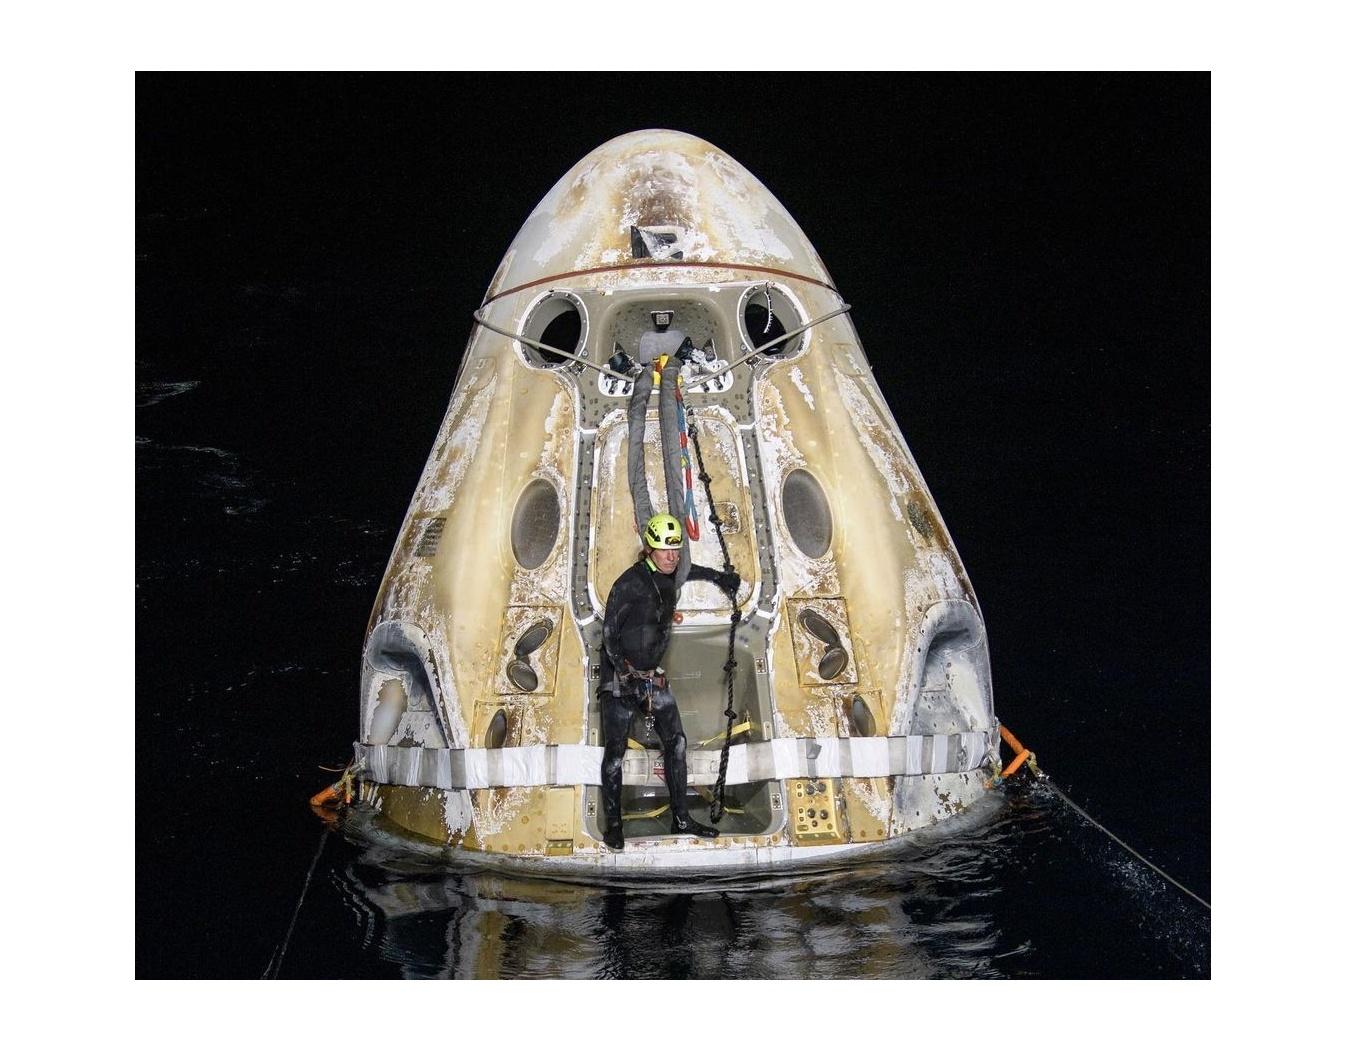 NASA/Bill Ingals